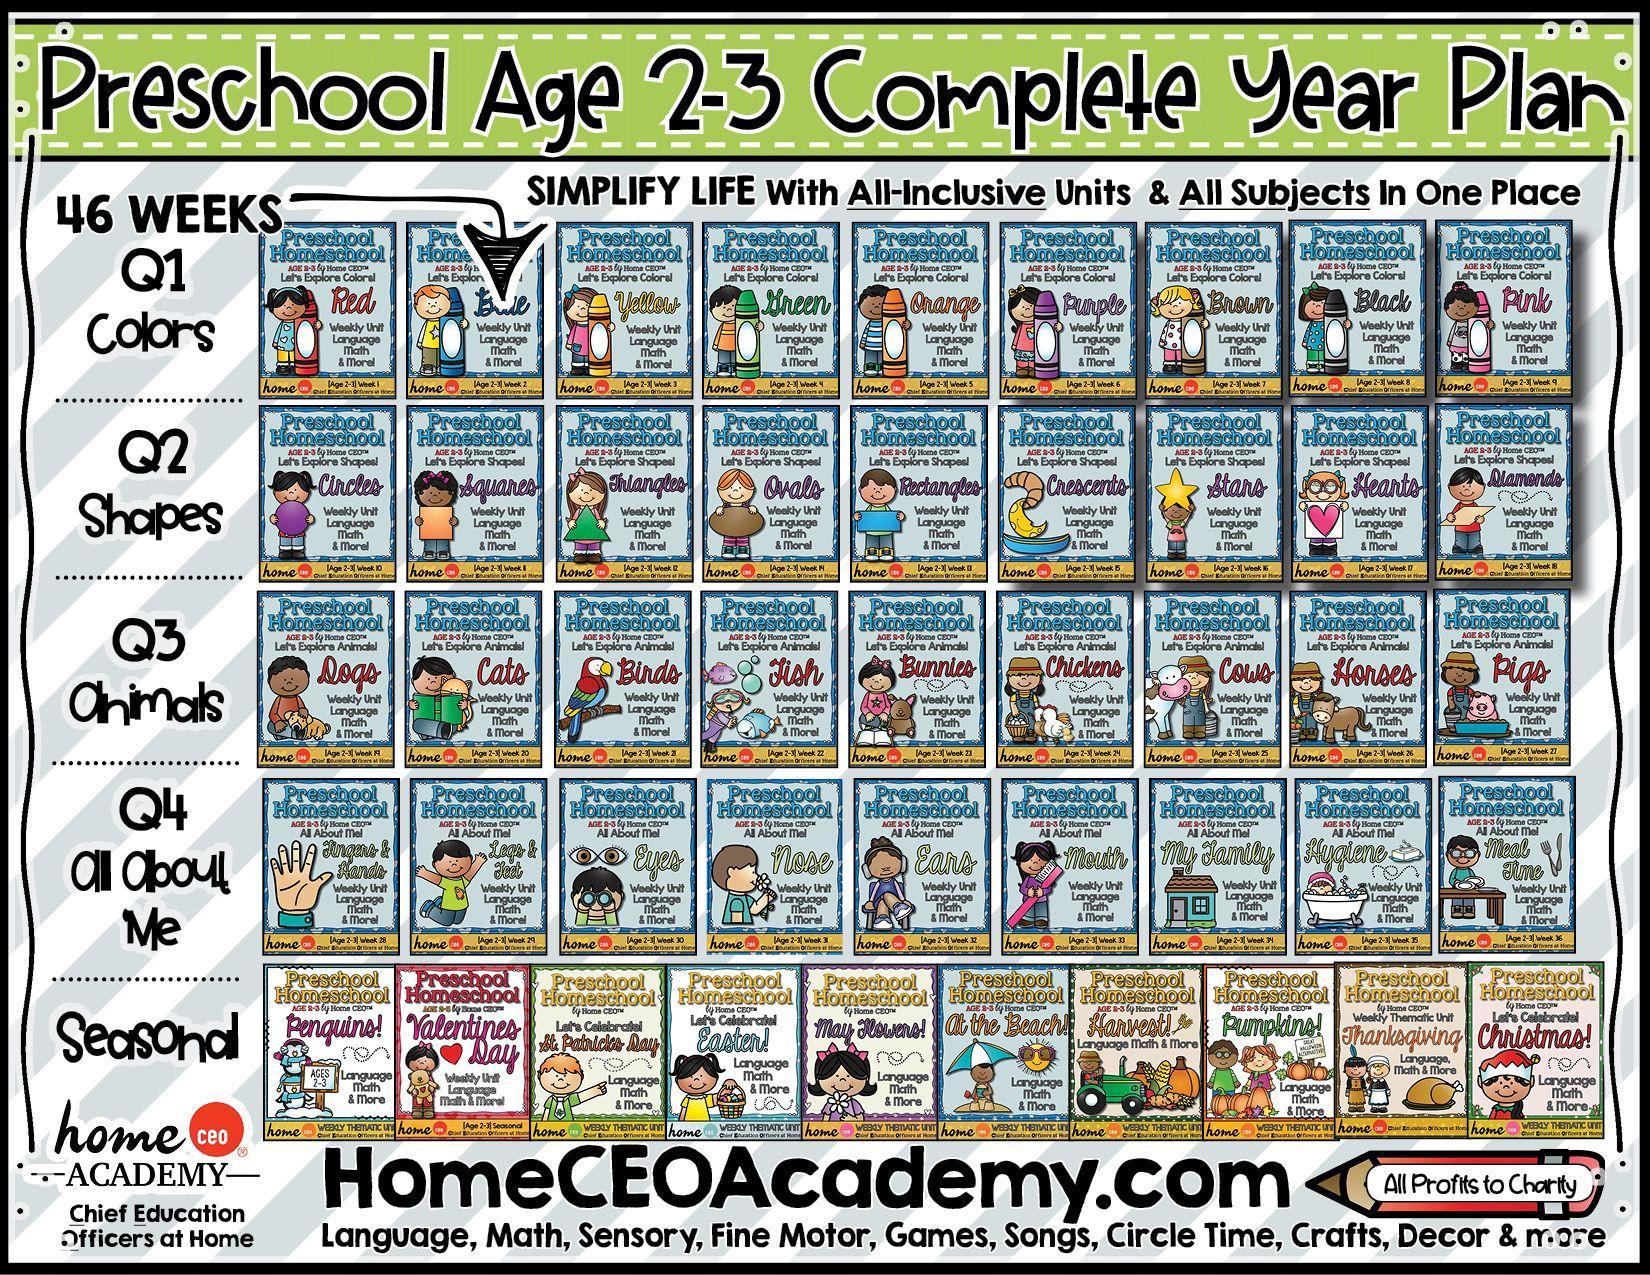 Free Preschool Worksheets Age 2-3